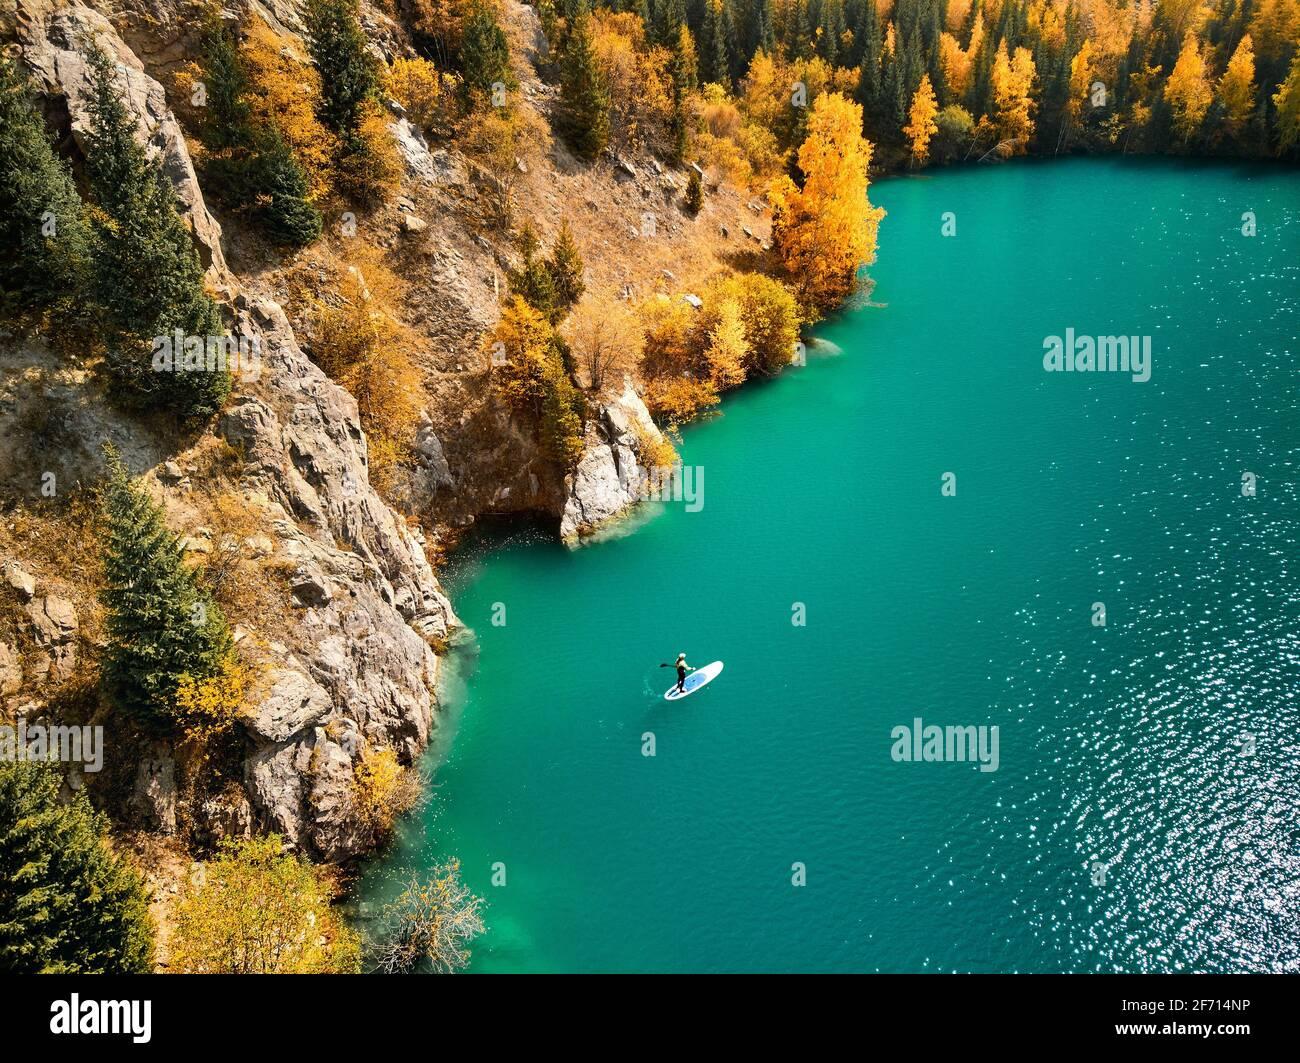 Tiro aéreo de drones de Man flotando en una tabla de SUP en el lago de montaña cerca de bosque amarillo en el otoño. Aventura en Stand up paddle boarding. Foto de stock